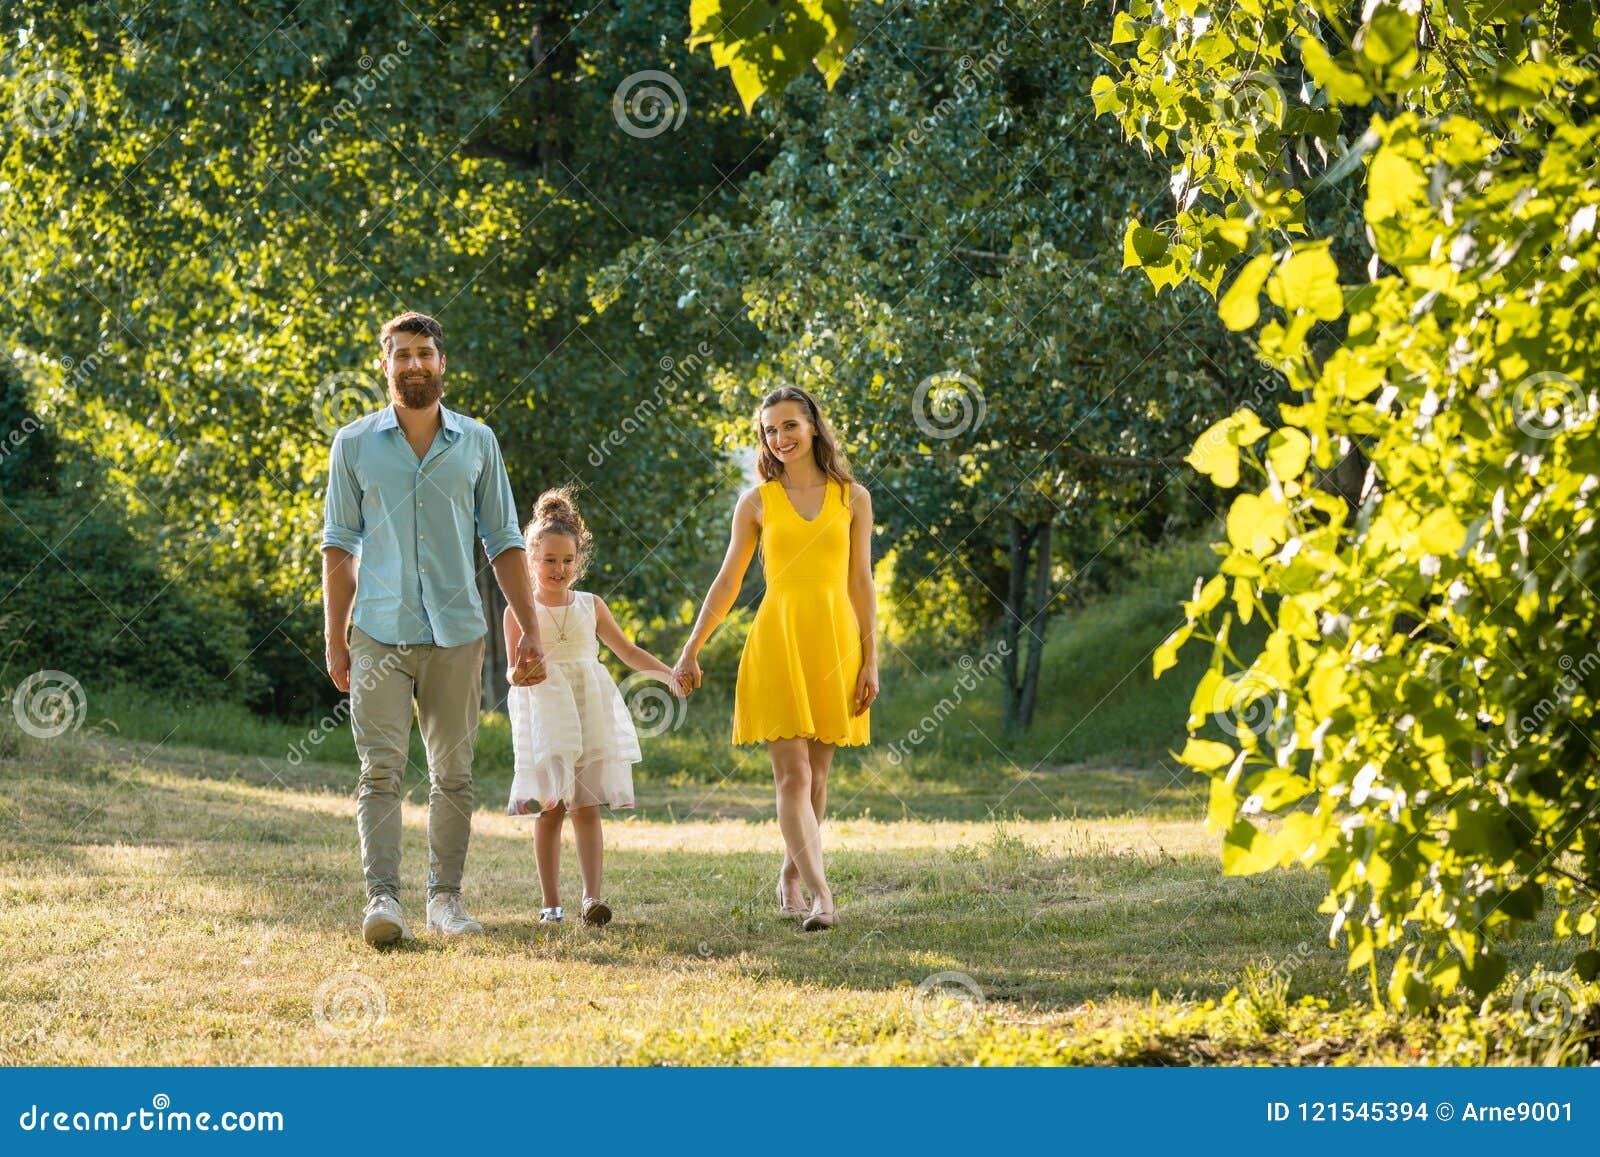 Preoccuparsi parents tenersi per mano della figlia mentre cammina insieme nel parco